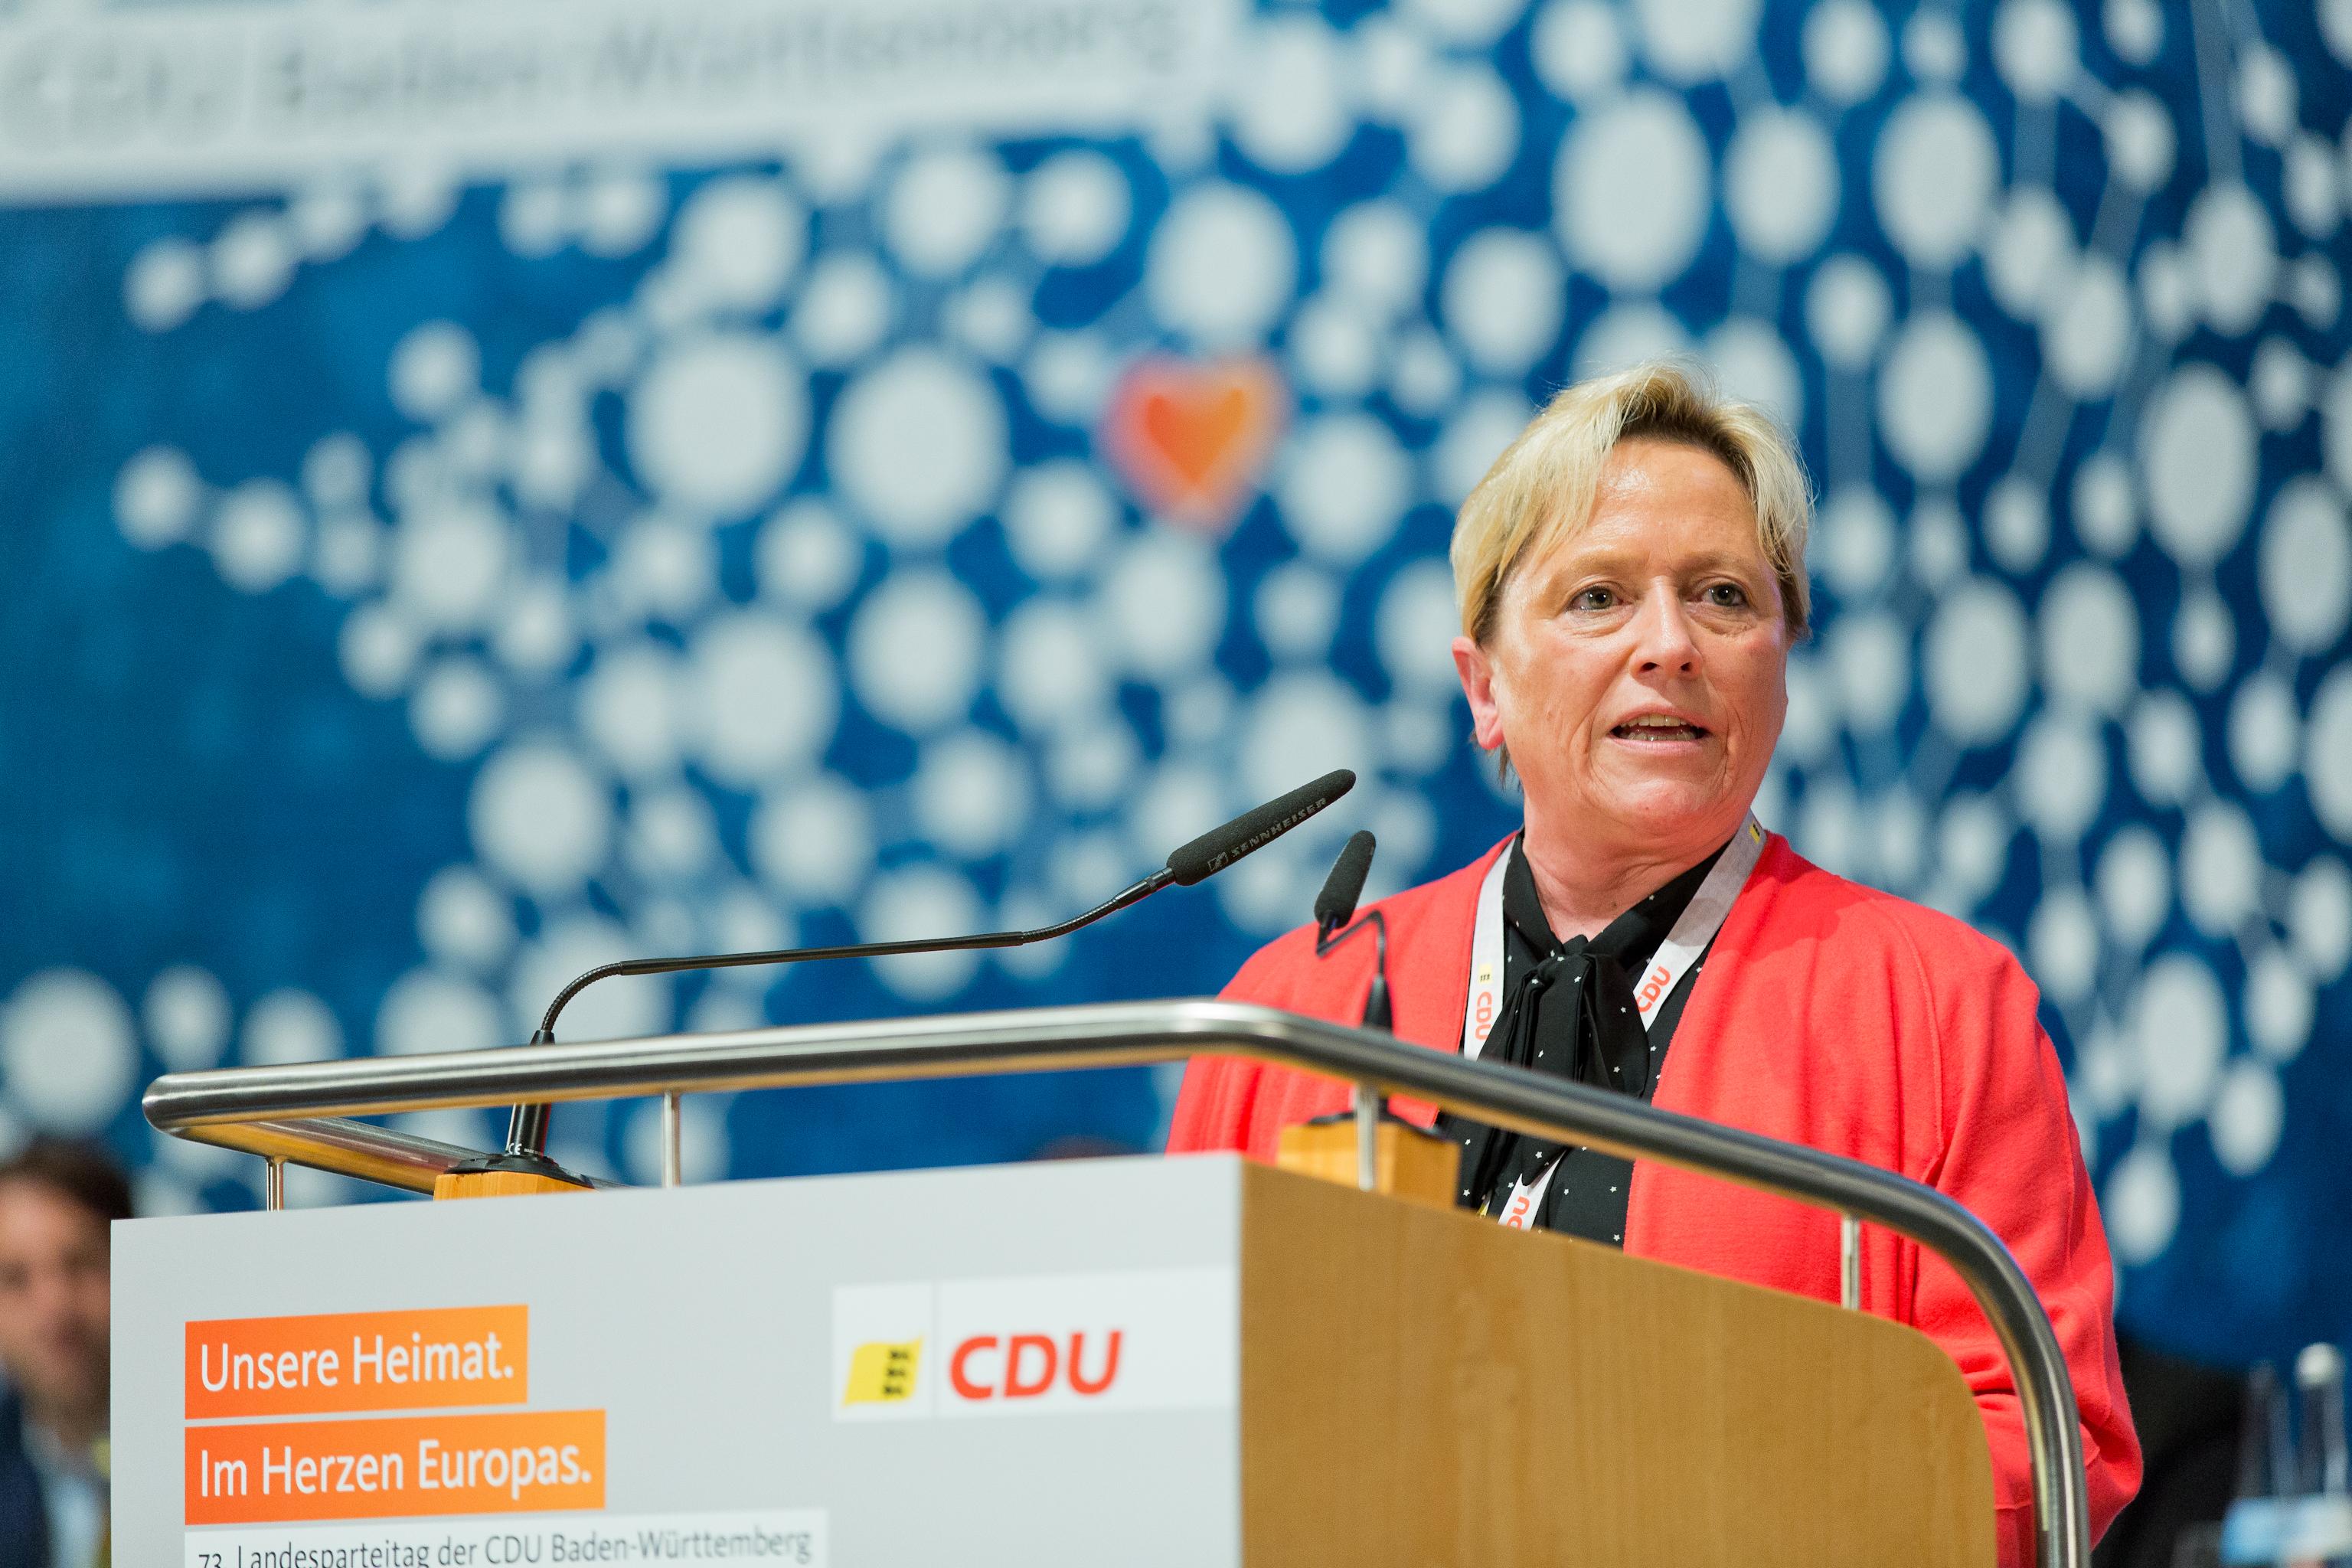 Susanne Eisenmann ist CDU-Spitzenkandidatin!